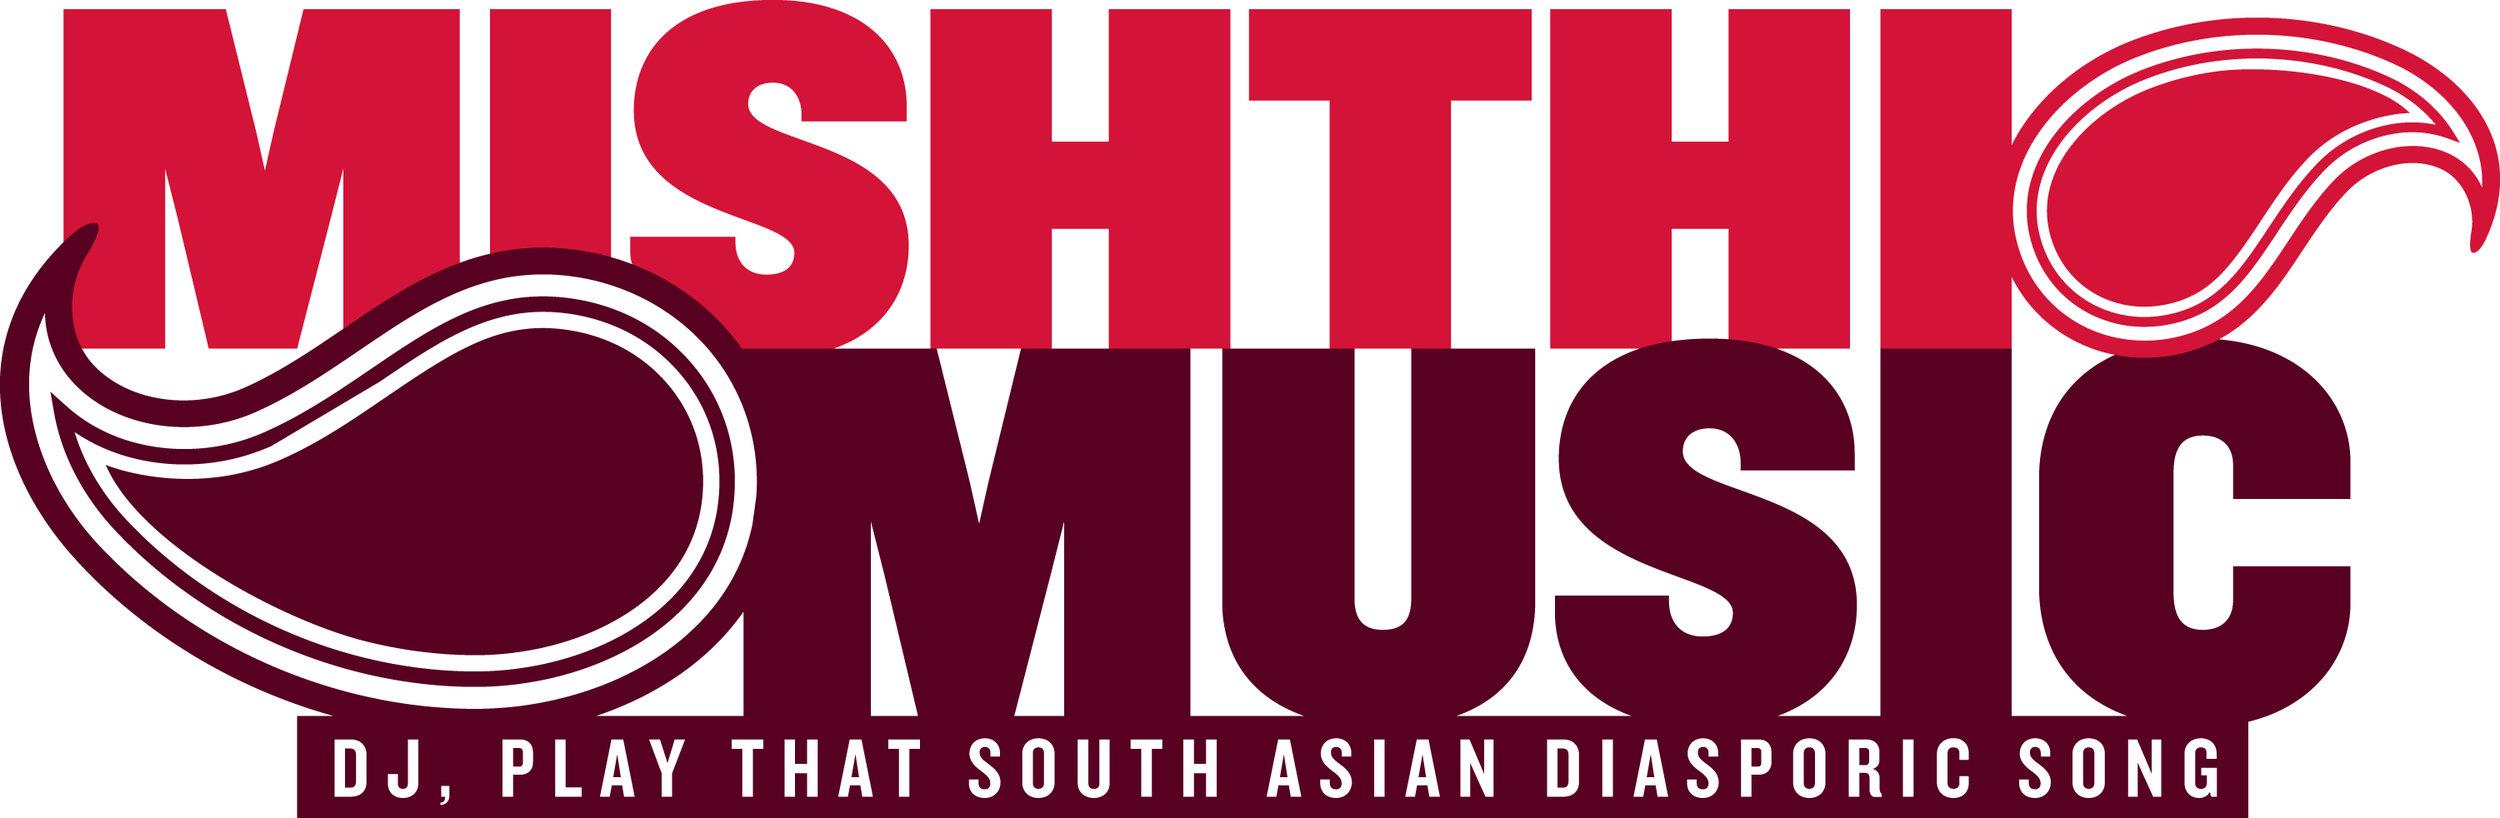 Mishthi_Music_logo.jpg